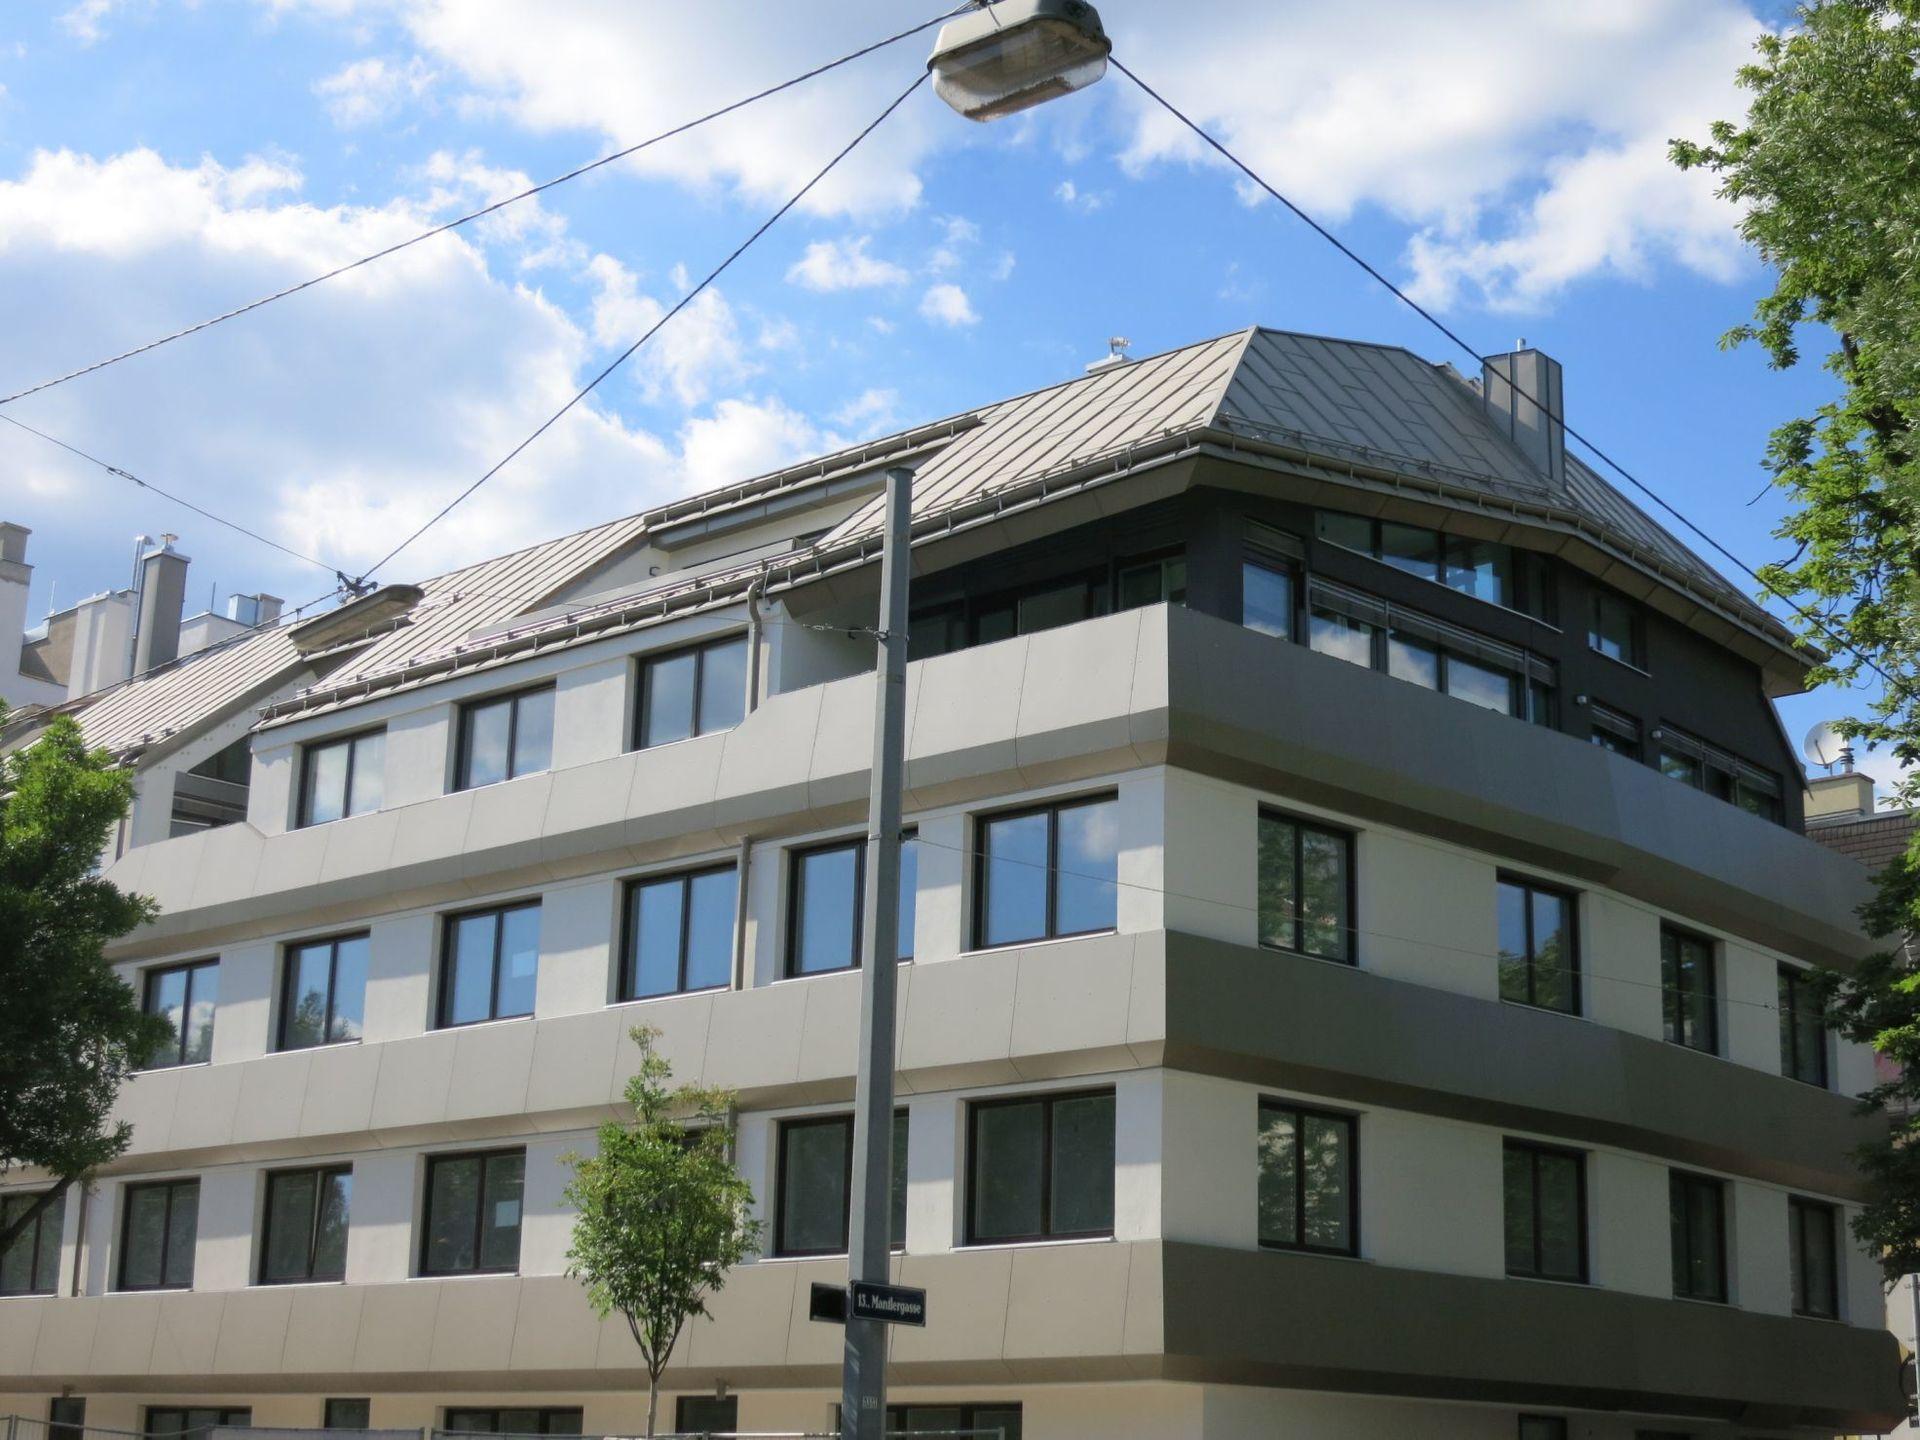 Hietzing 100 - 5 Stern Eigentumswohnungen im Herzen von Hietzing - 1130 Wien